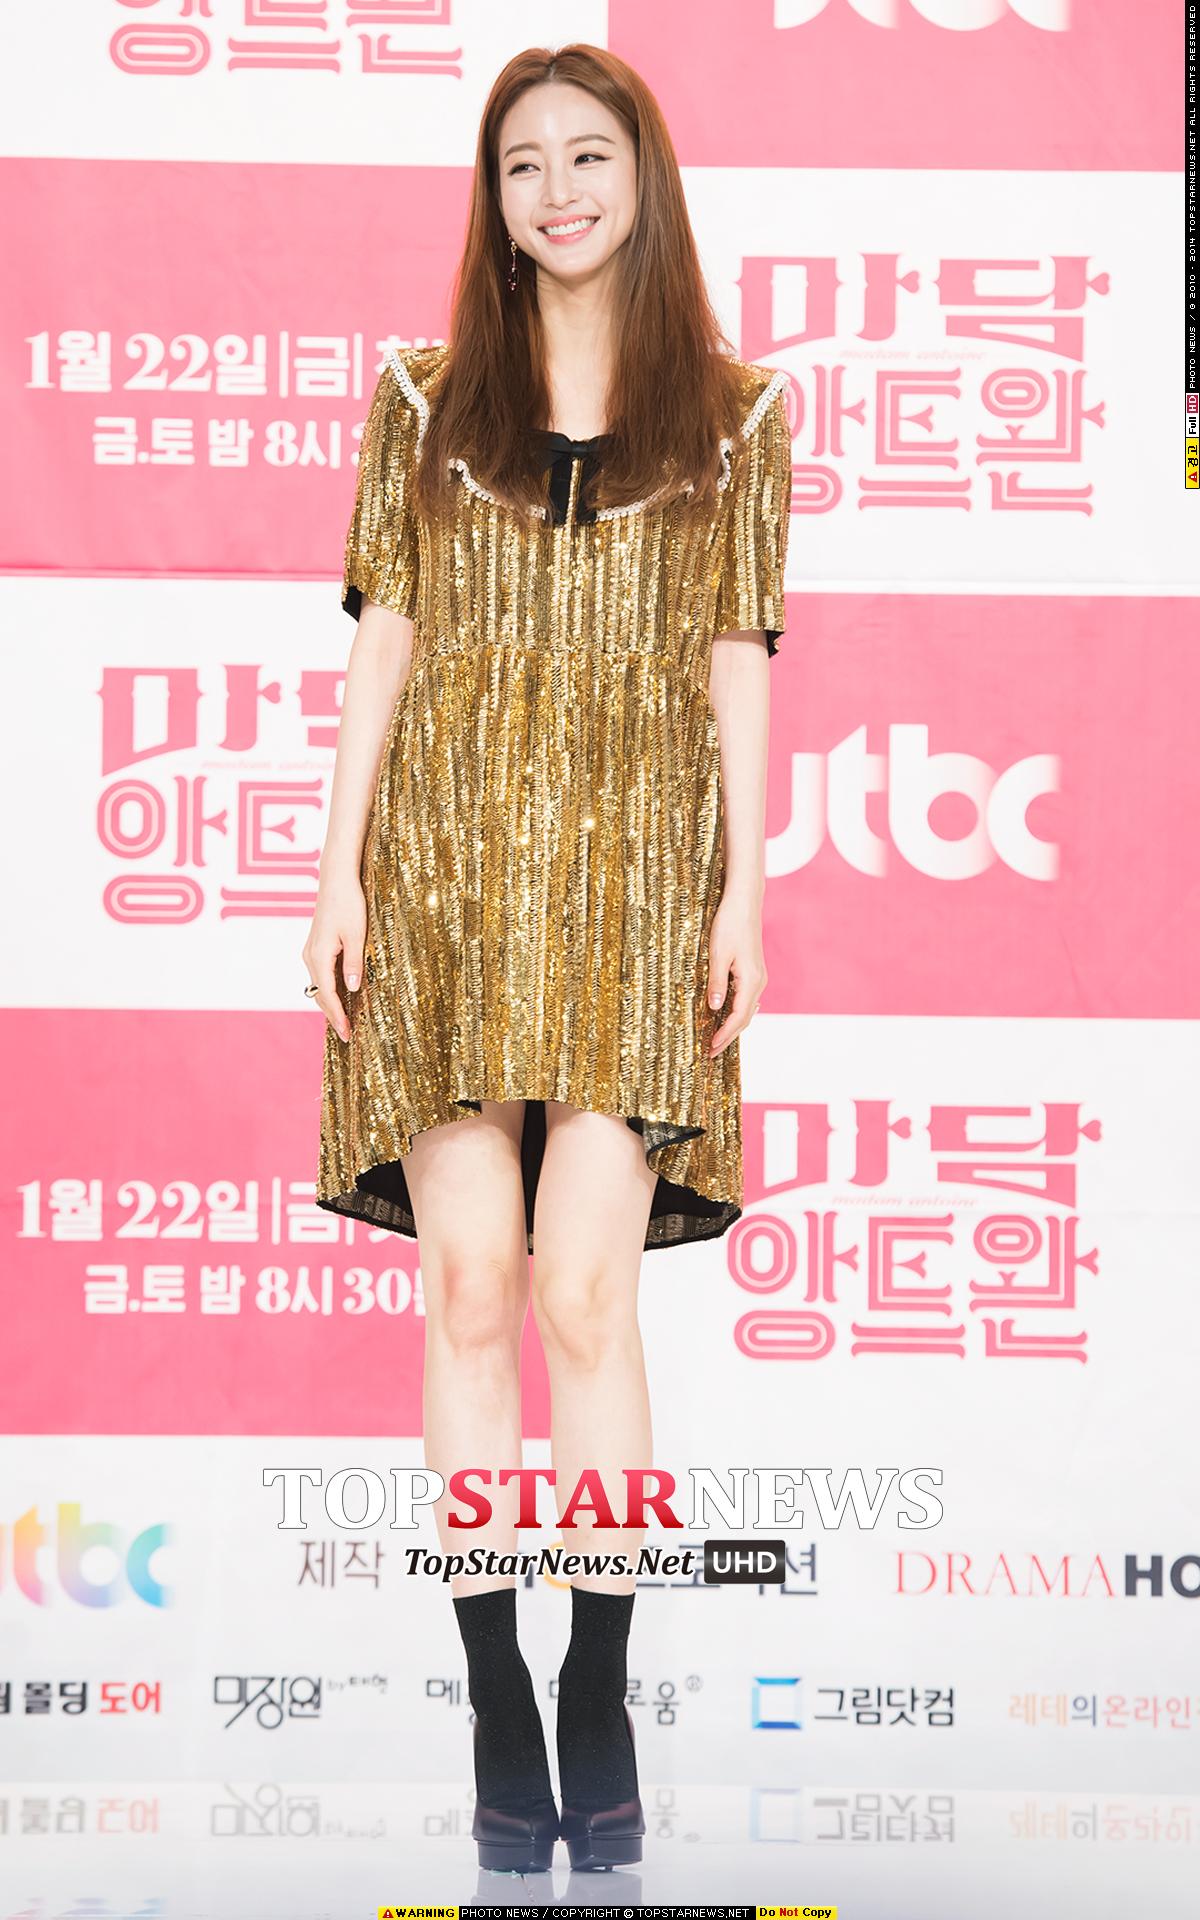 除了上述的五位女星外,也有韓國網友說,「韓藝瑟的肌膚也不是開玩笑的!」